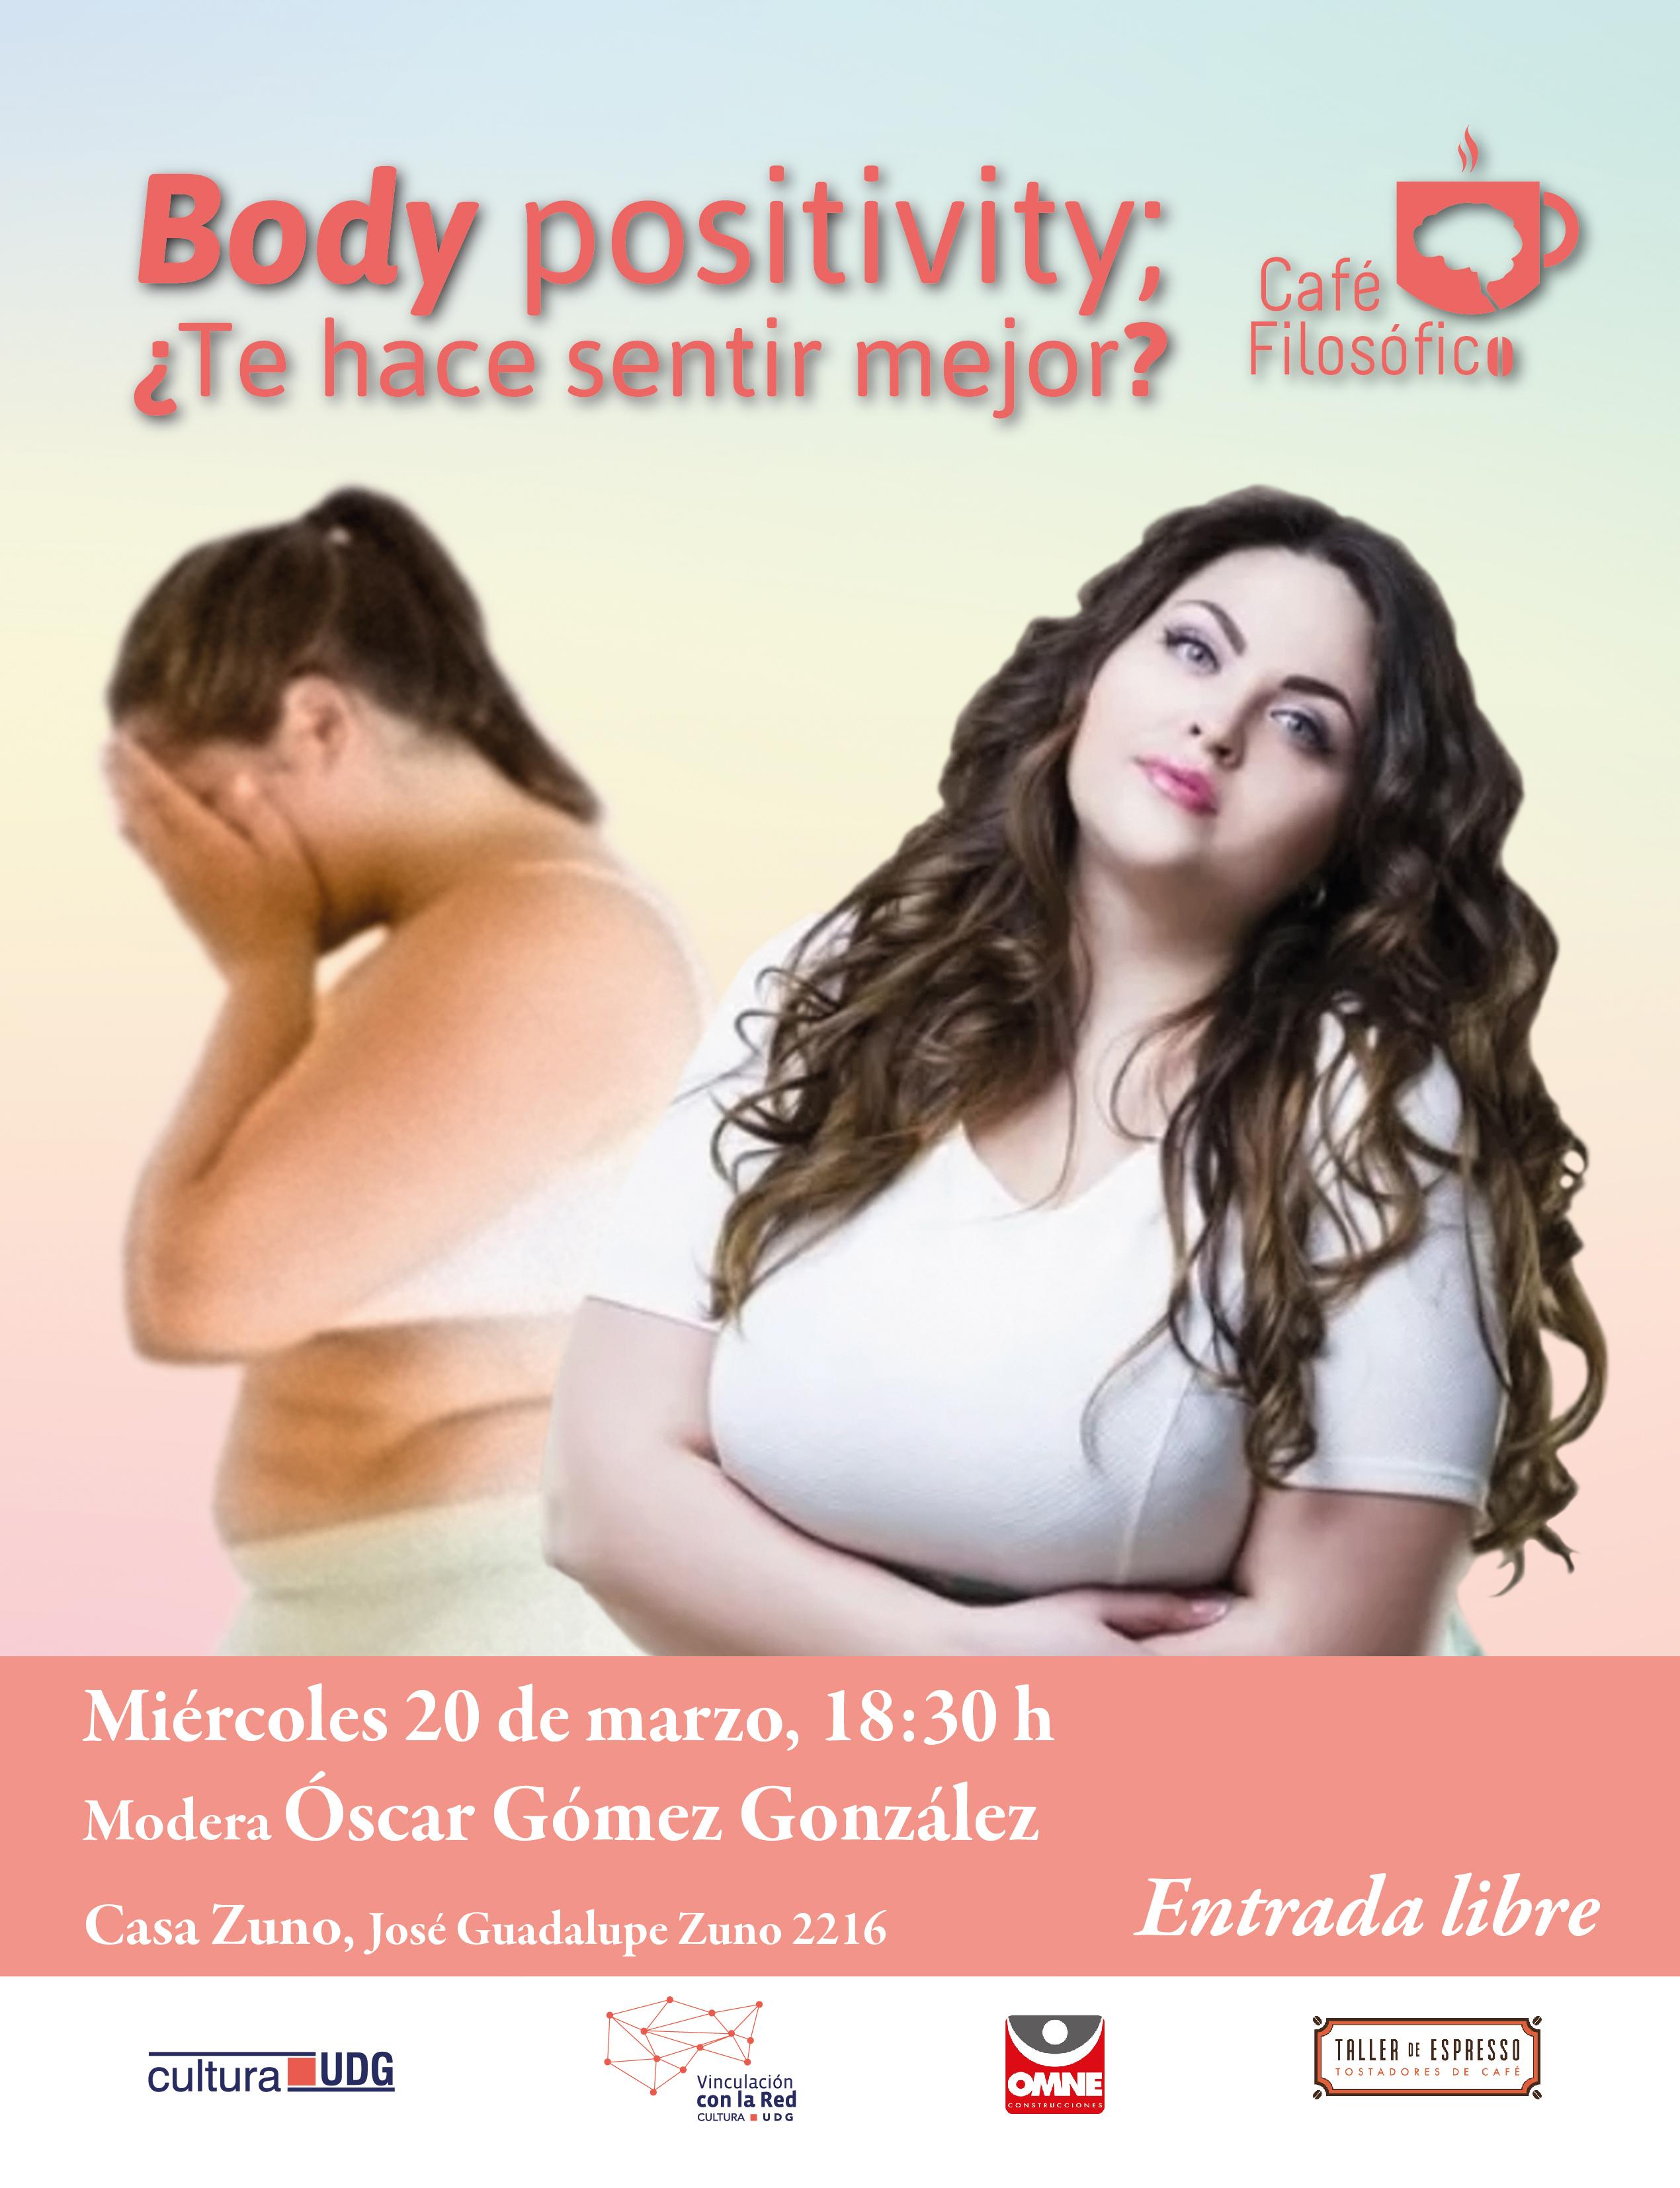 Cartel informativo sobre el Café filosófico: Body positivity ¿Te hace sentir mejor?, el 20 de marzo, a las 18:30 horas,en Casa Zuno